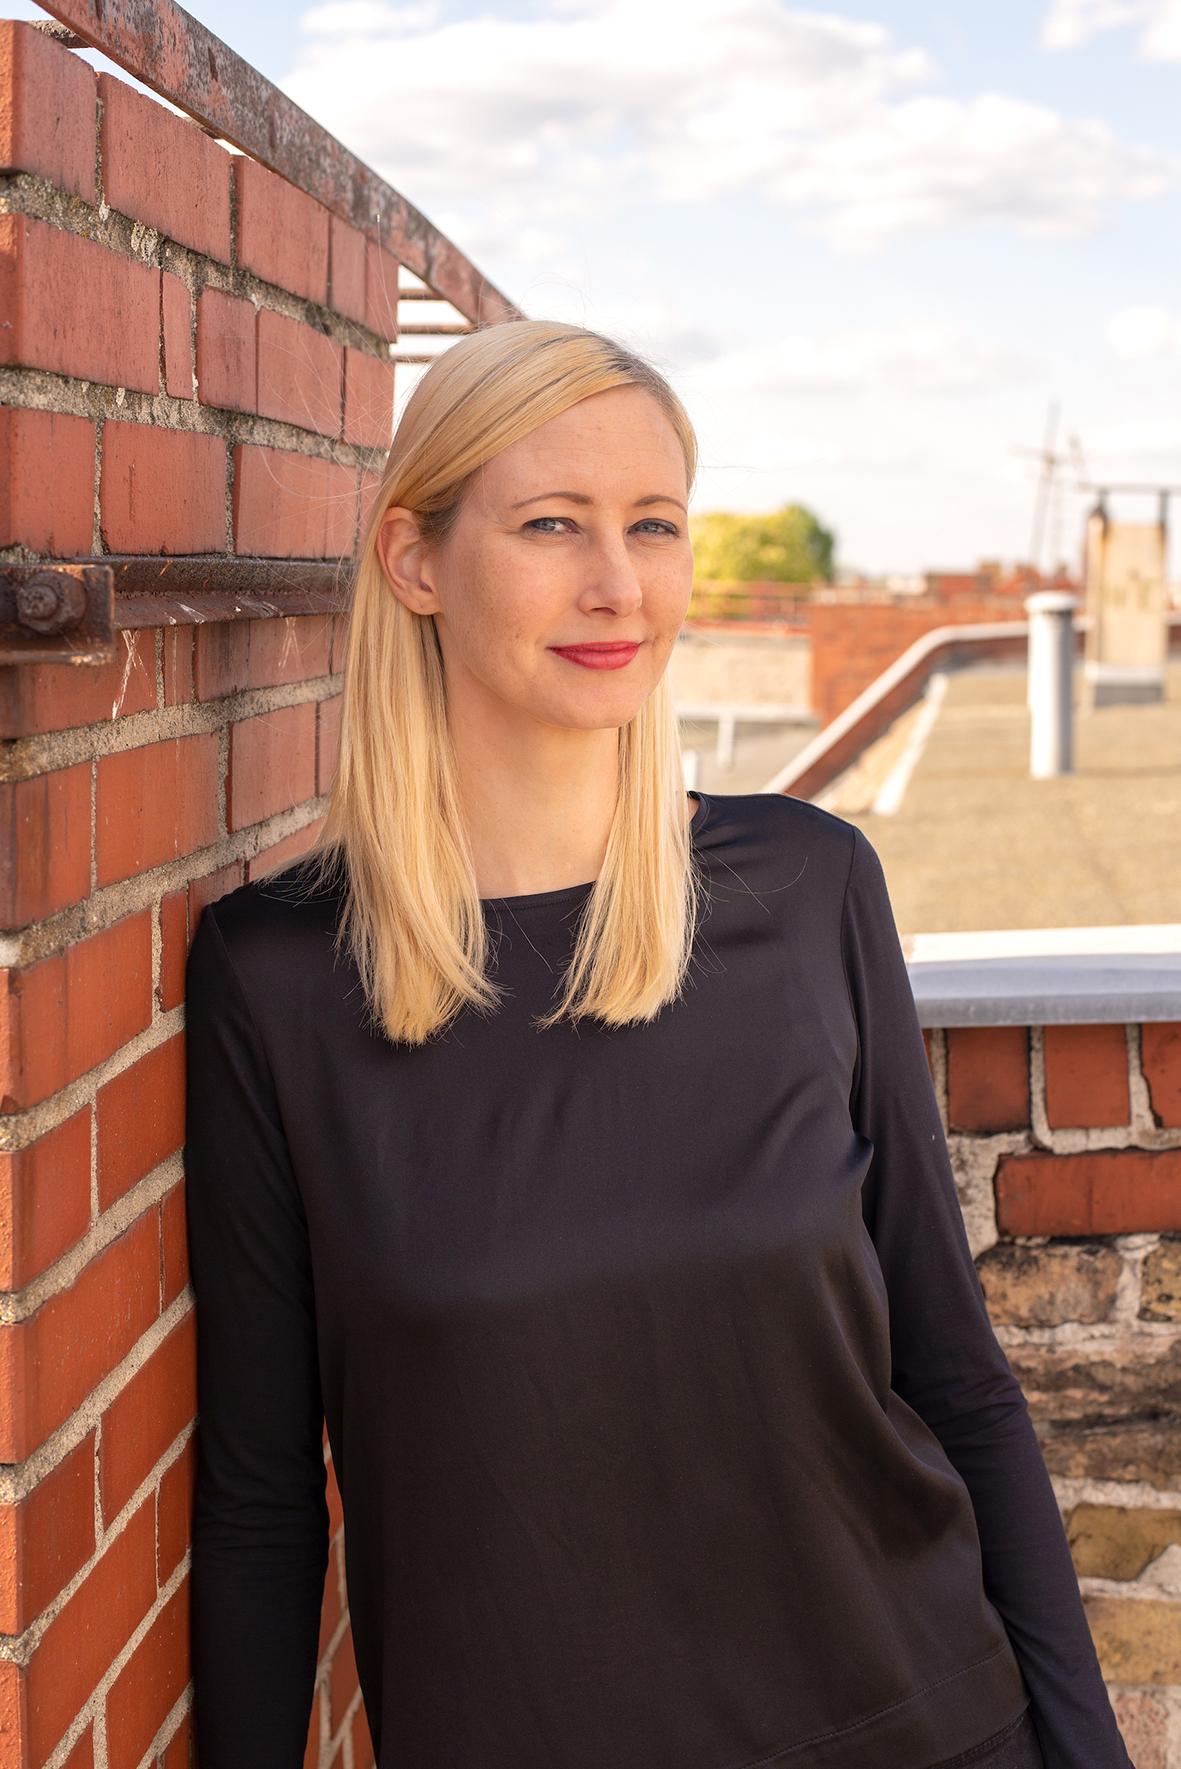 Tina Sauerlaender, Photo: J. Pegman, 2020